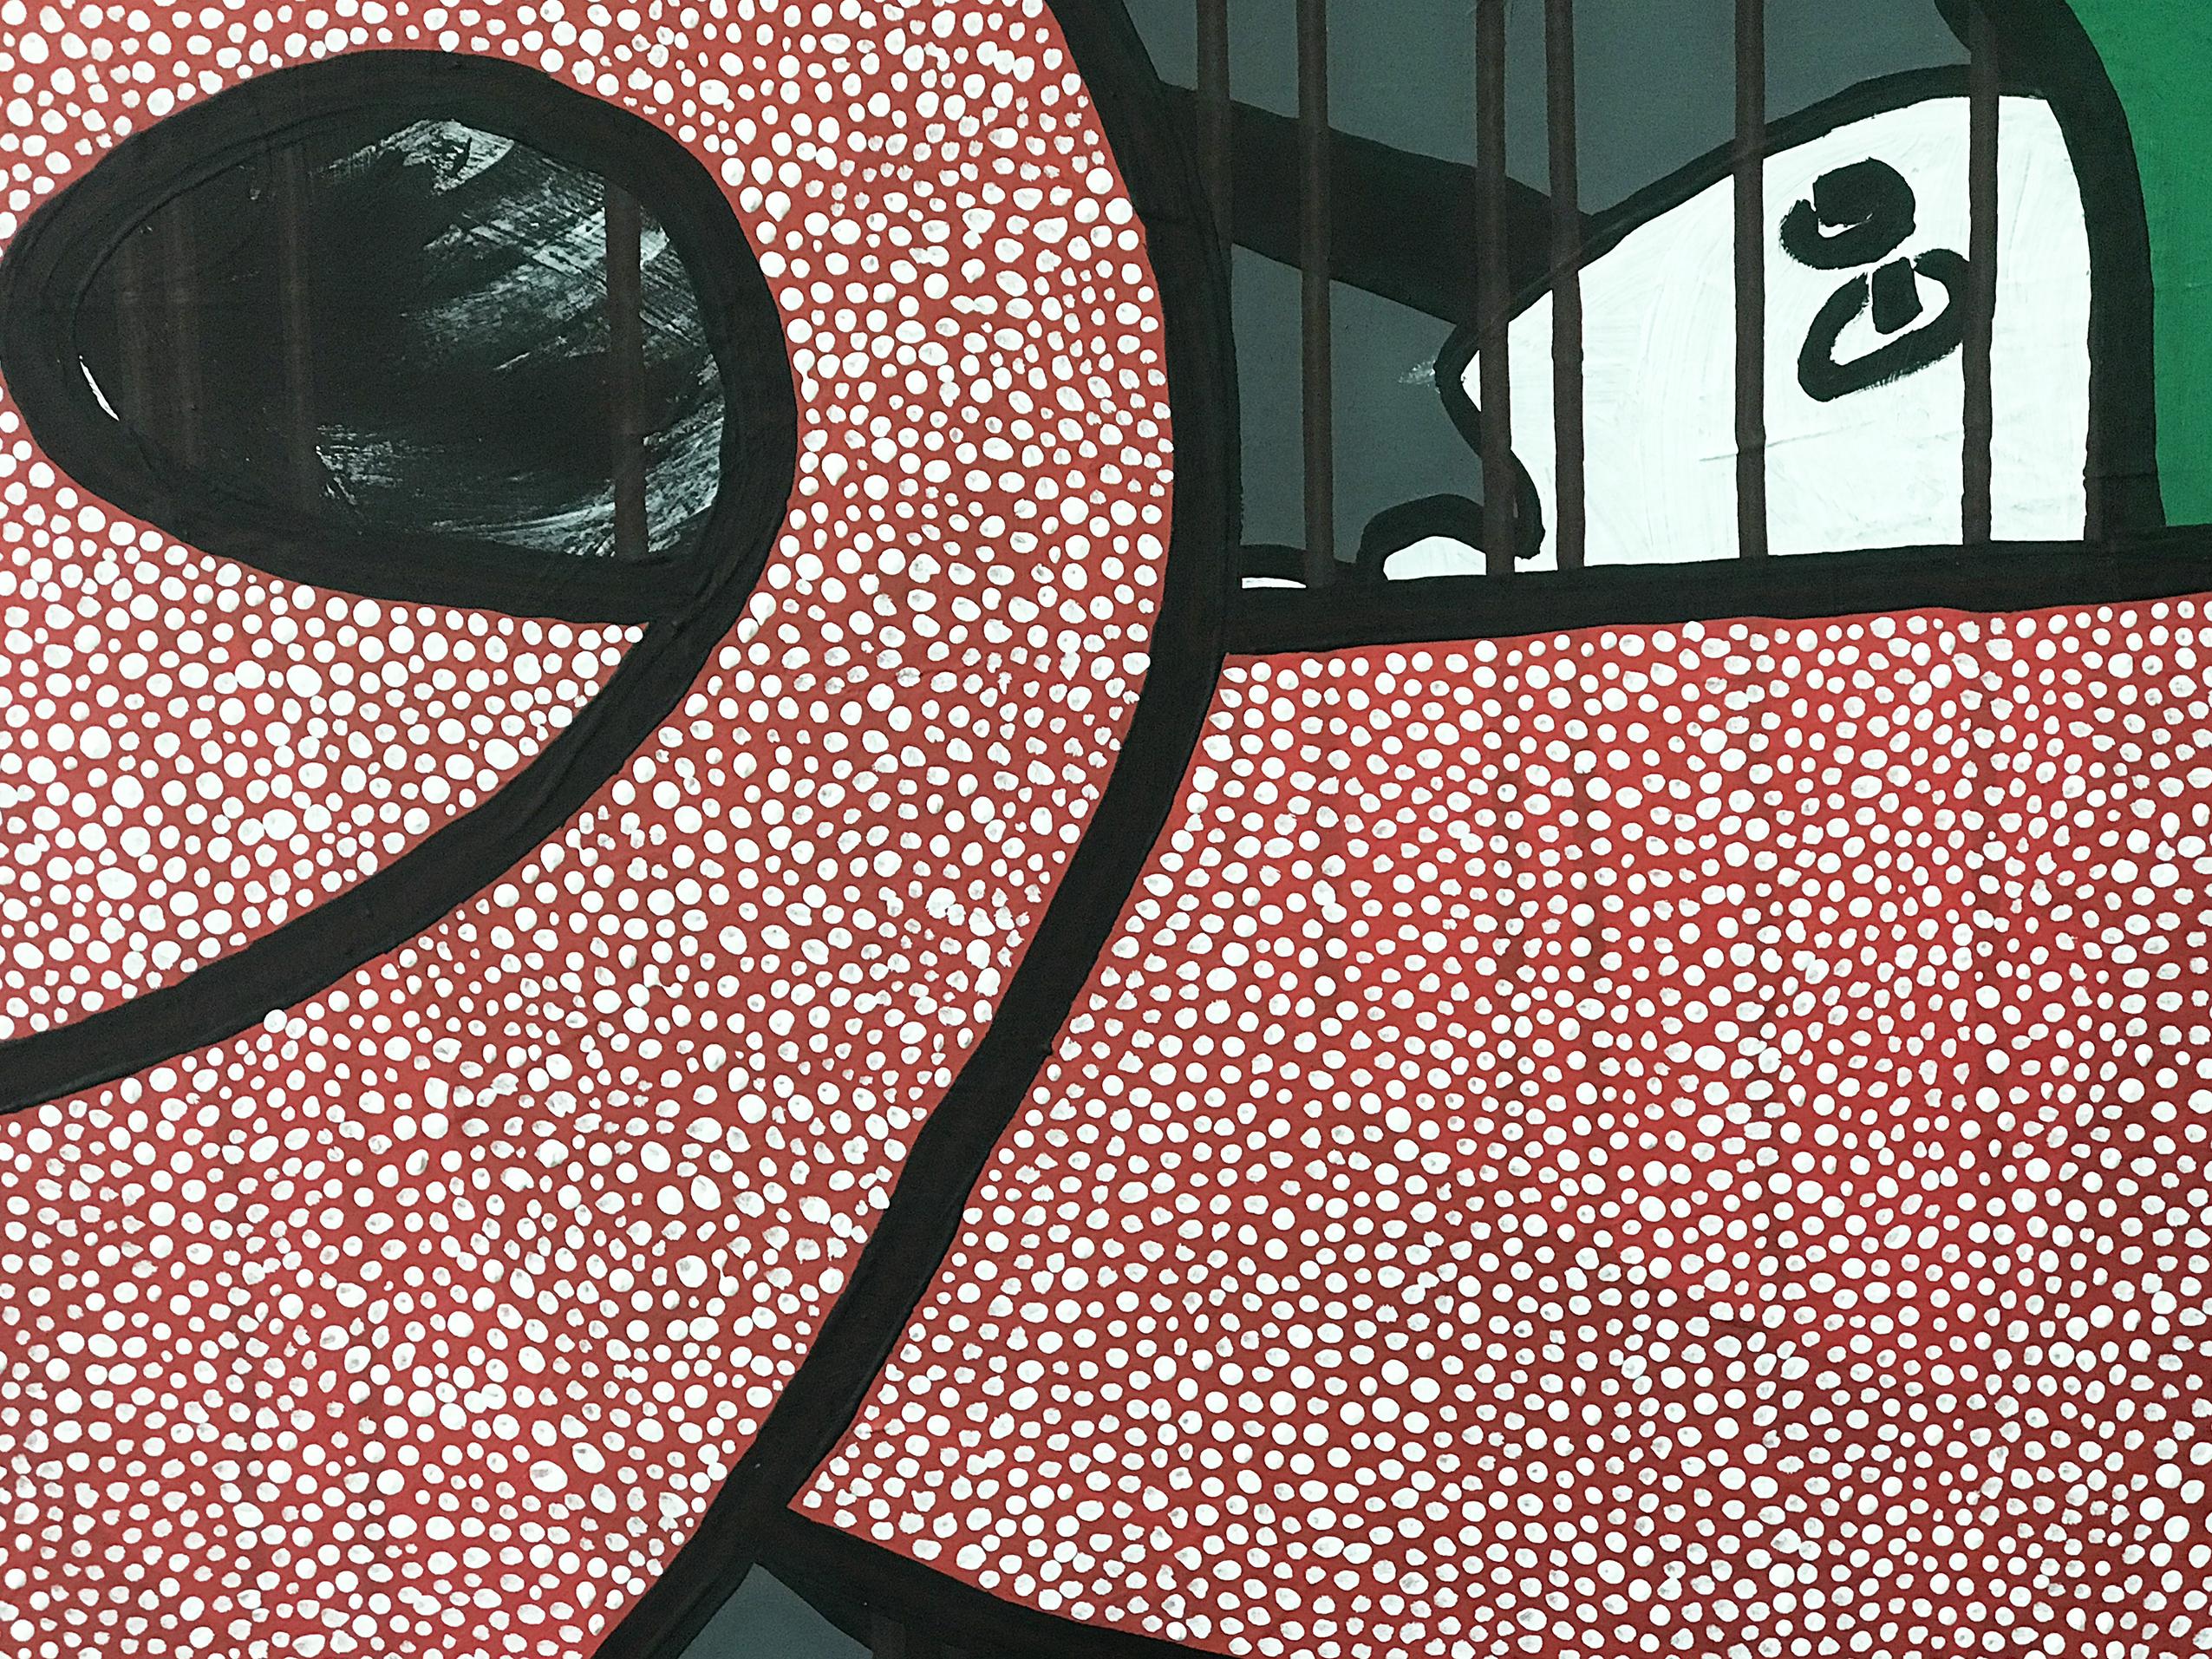 Diego Venturino - Guernica - details 2